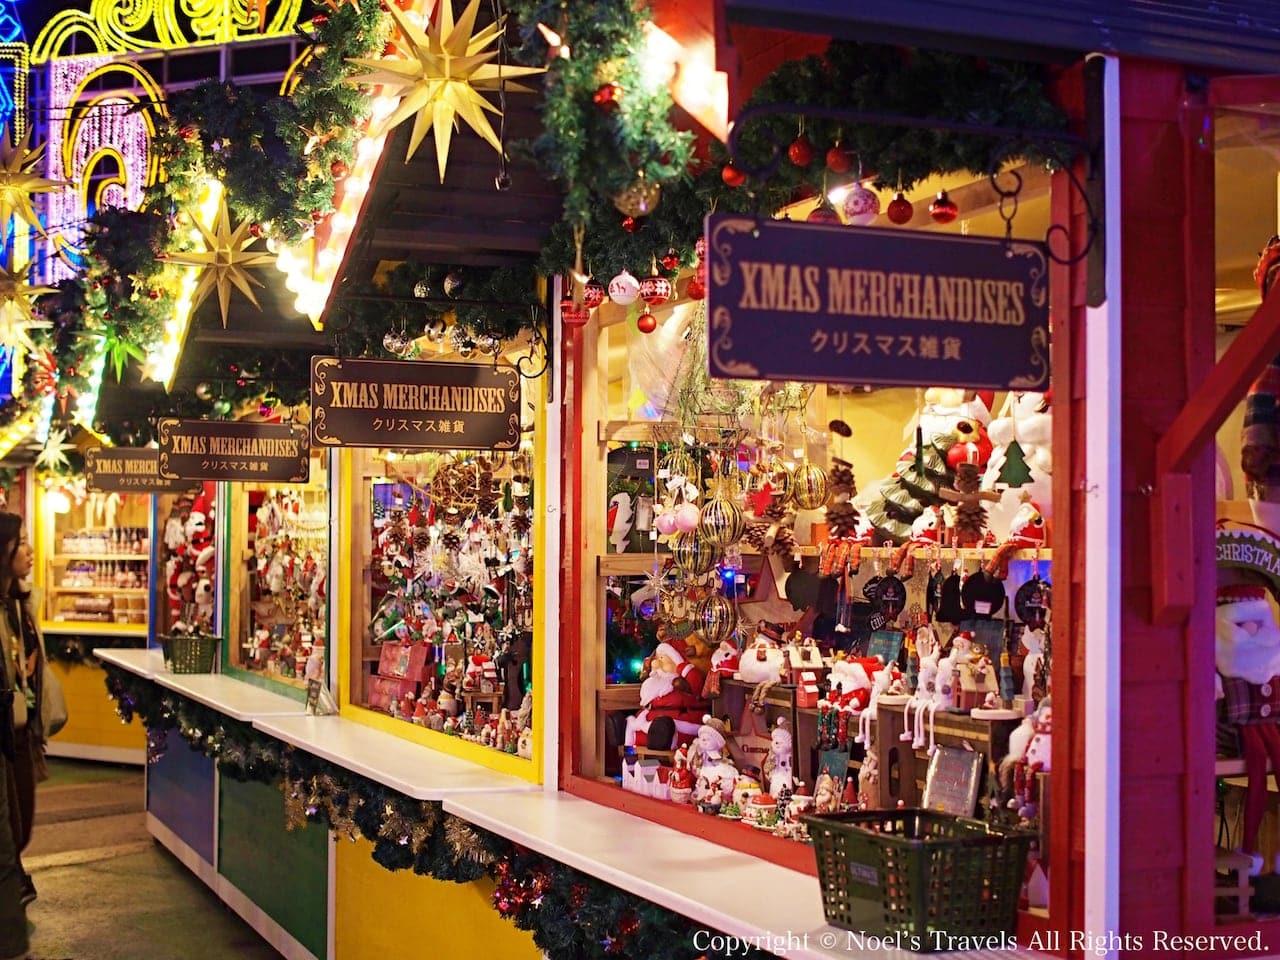 ハウステンボスのクリスマスマーケット